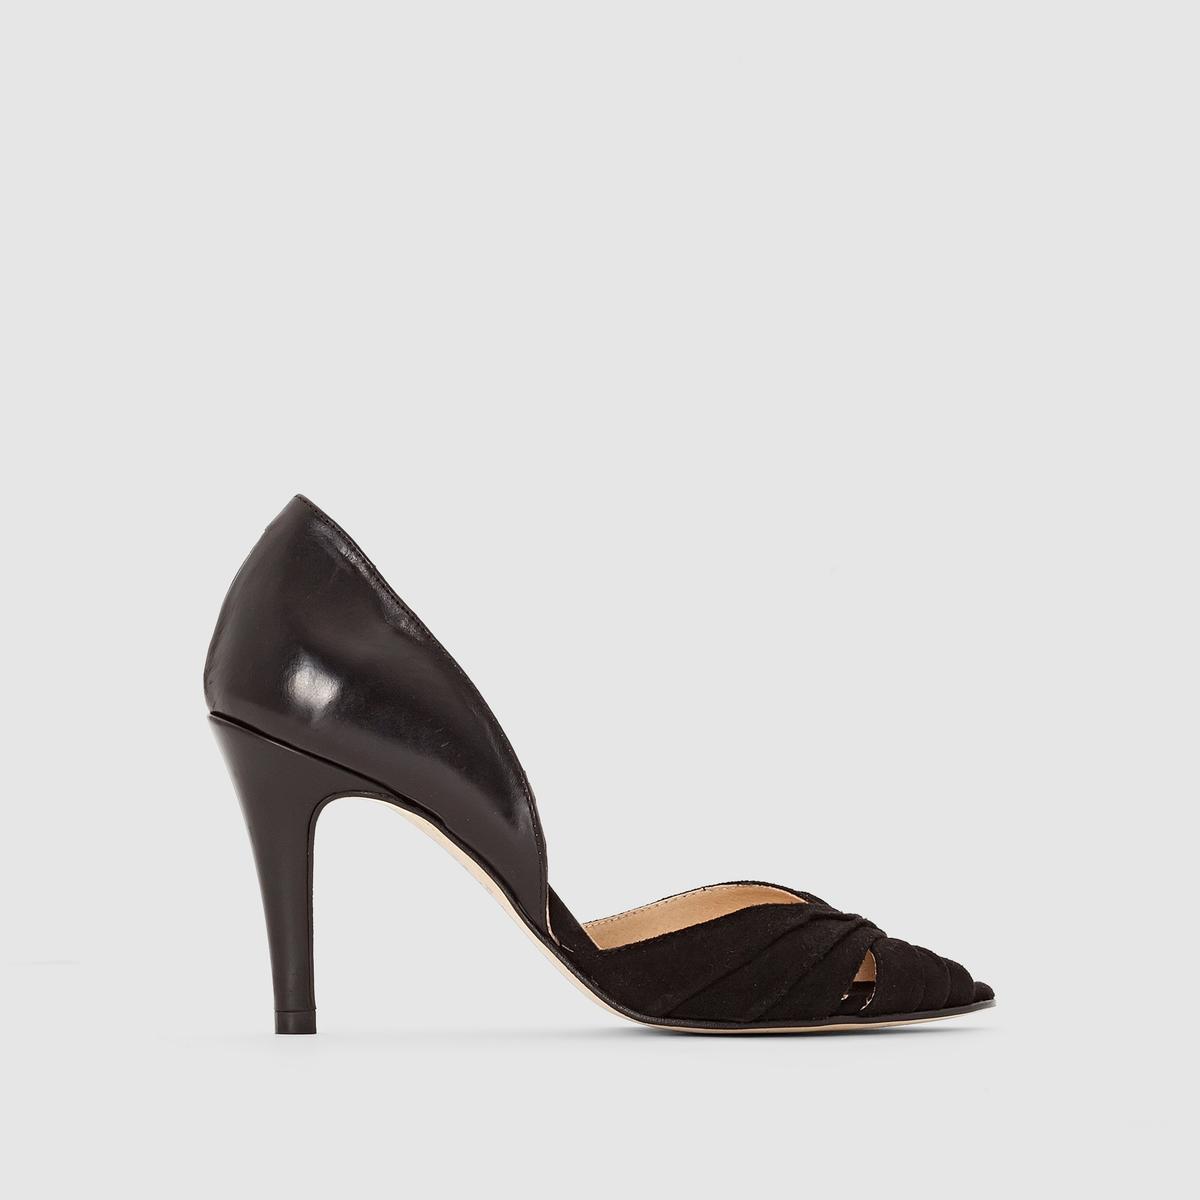 Туфли кожаные на каблуке, DOWALПодкладка: Кожа.Стелька: Кожа.       Подошва: Эластомер.       Форма каблука: Шпилька.Мысок: Открытый.Застежка: Без застежки.<br><br>Цвет: черный<br>Размер: 39